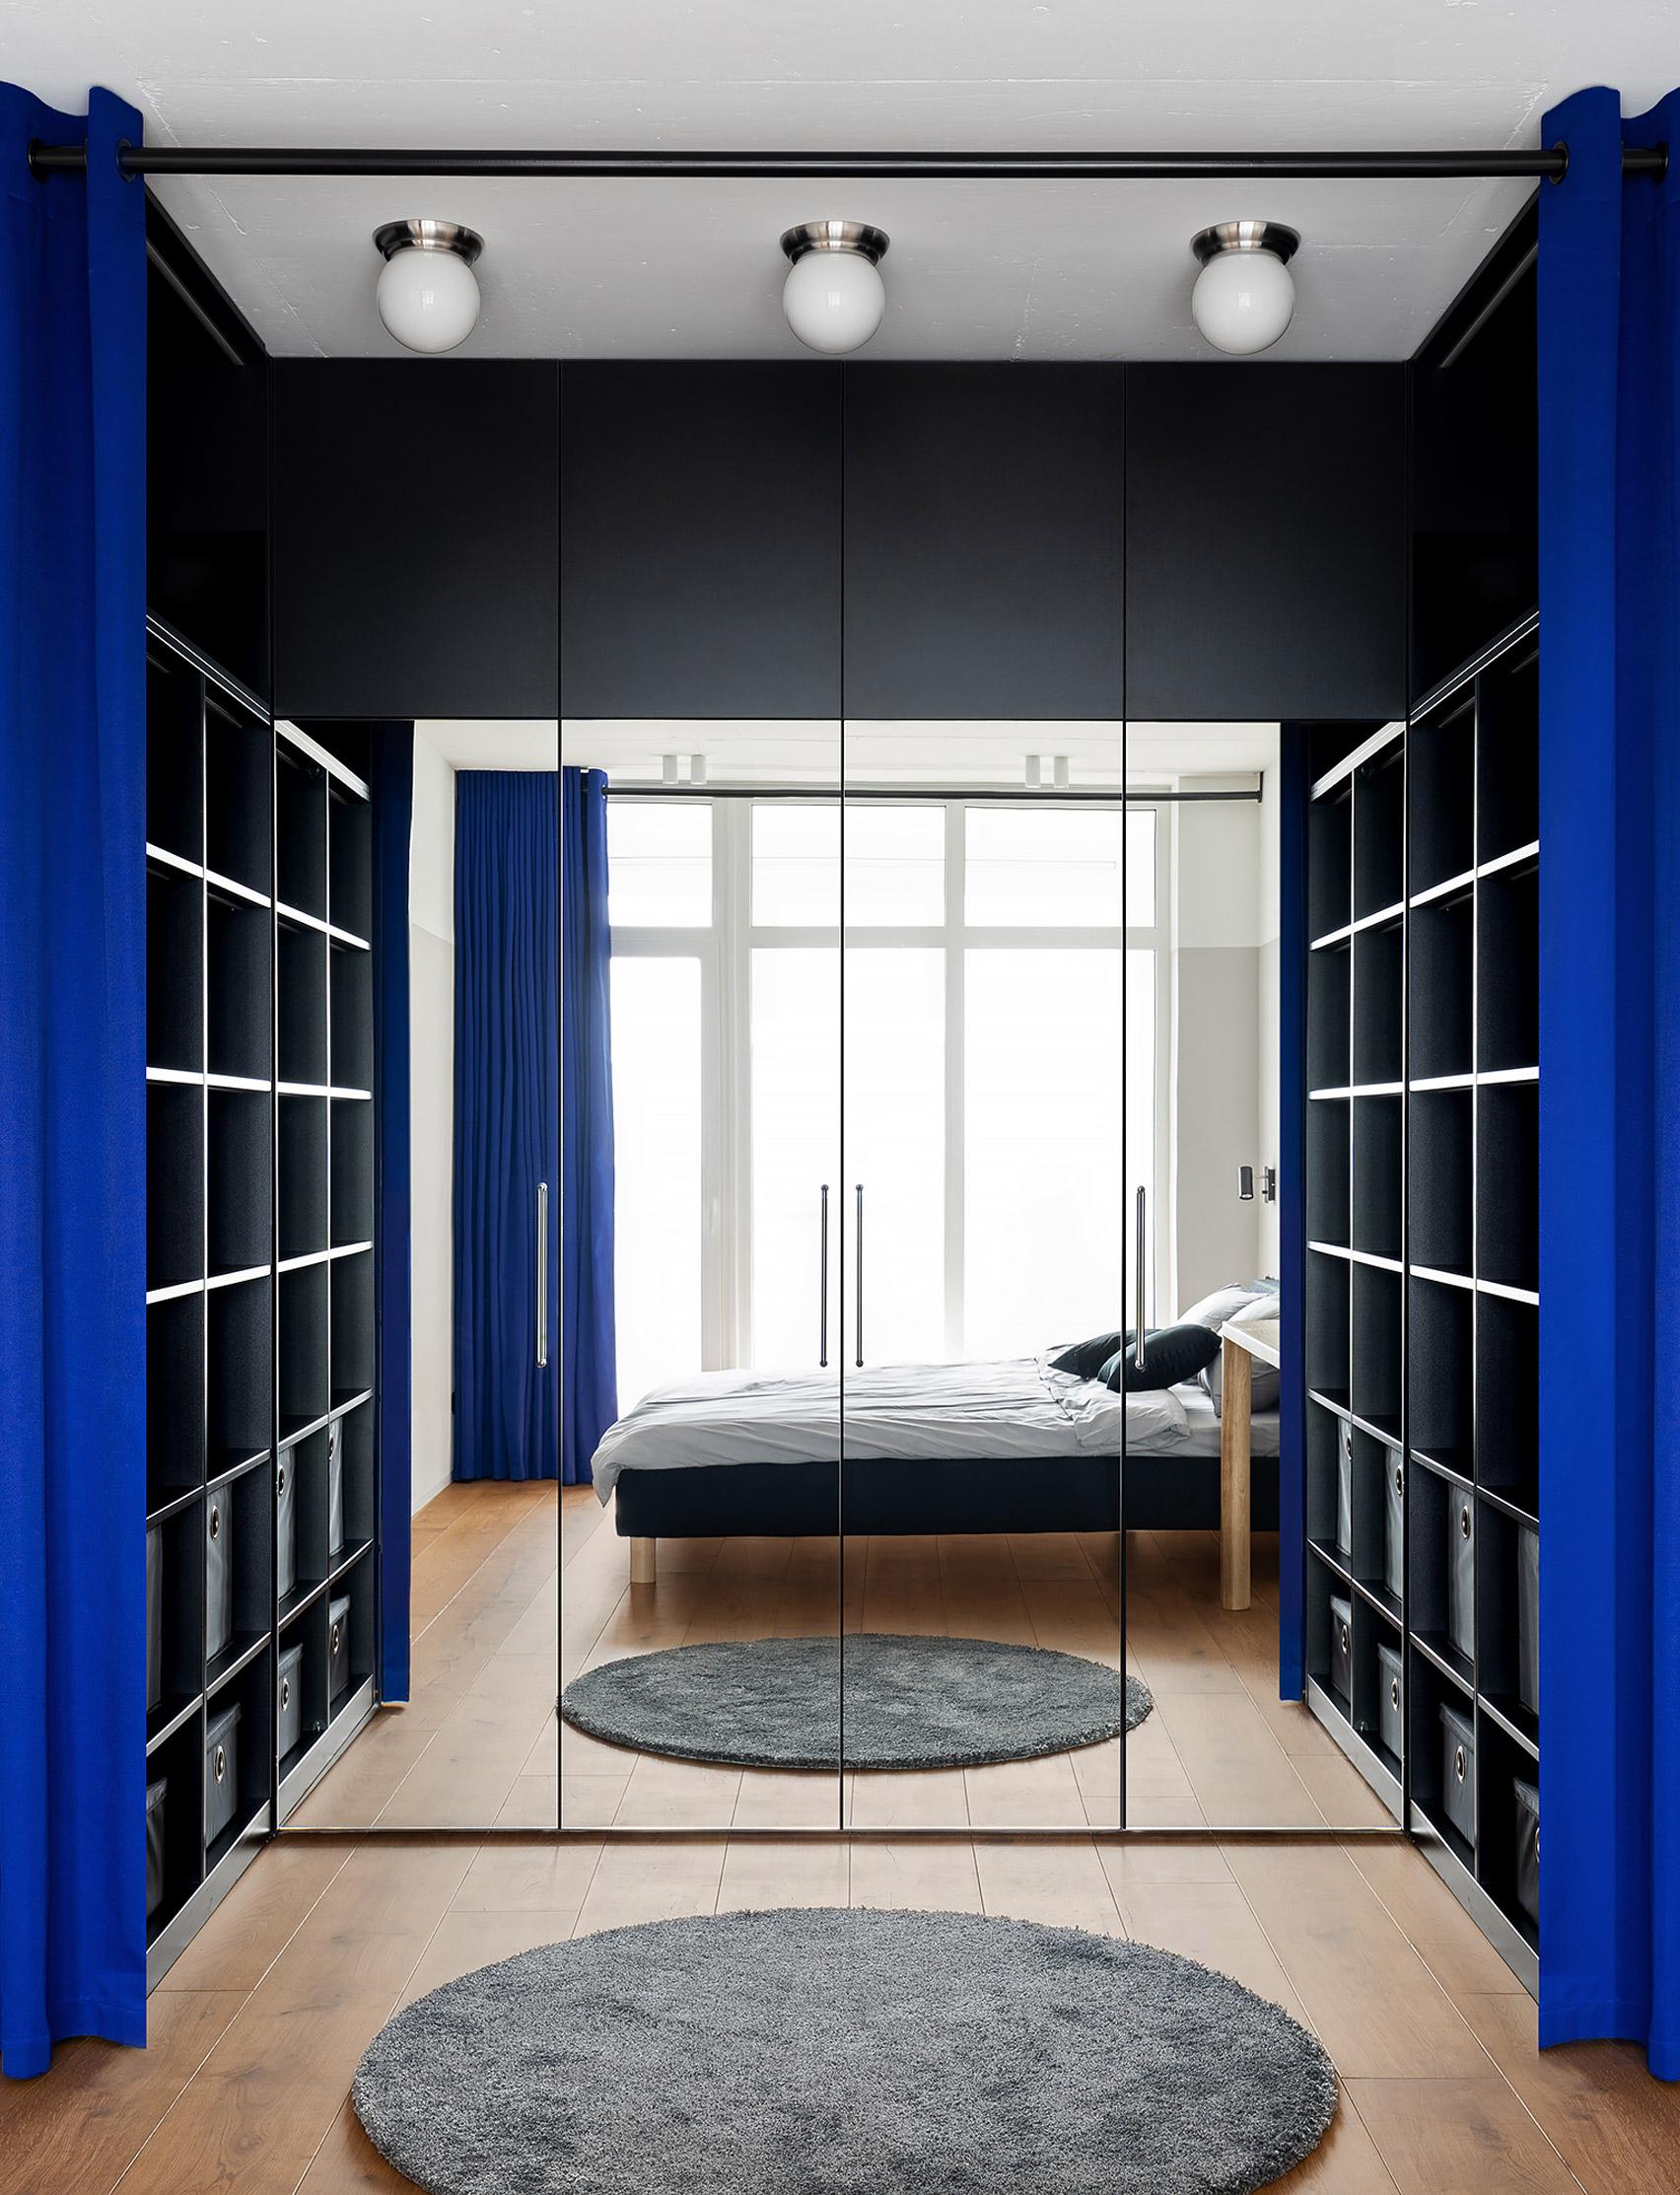 Thiết kế nội thất căn hộ chung cư 10